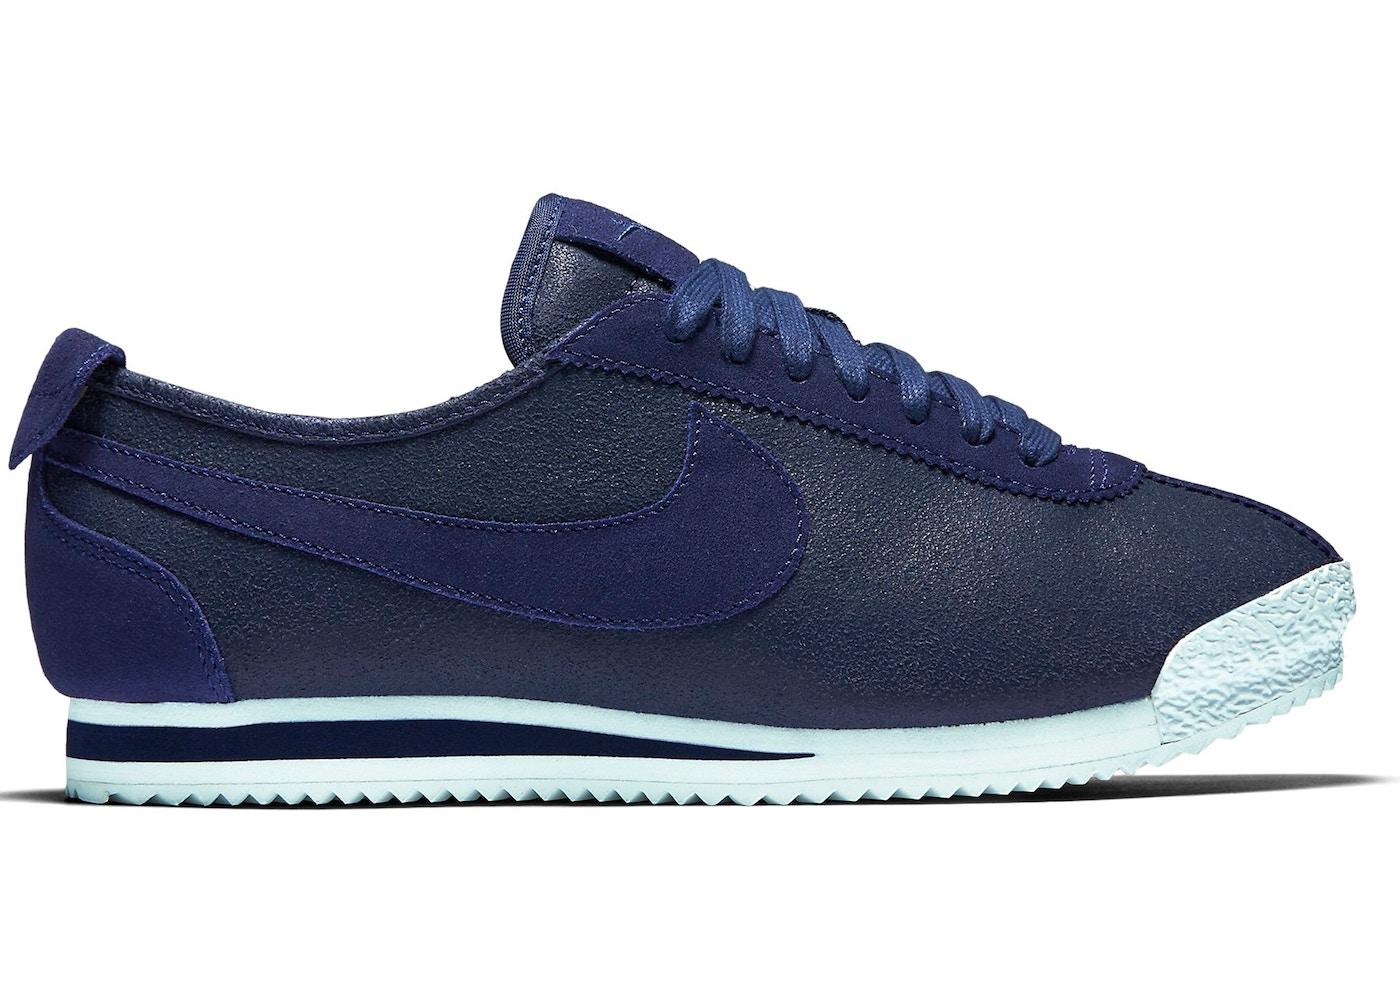 a8d57894 Nike Cortez 72 Loyal Blue - 863173-400